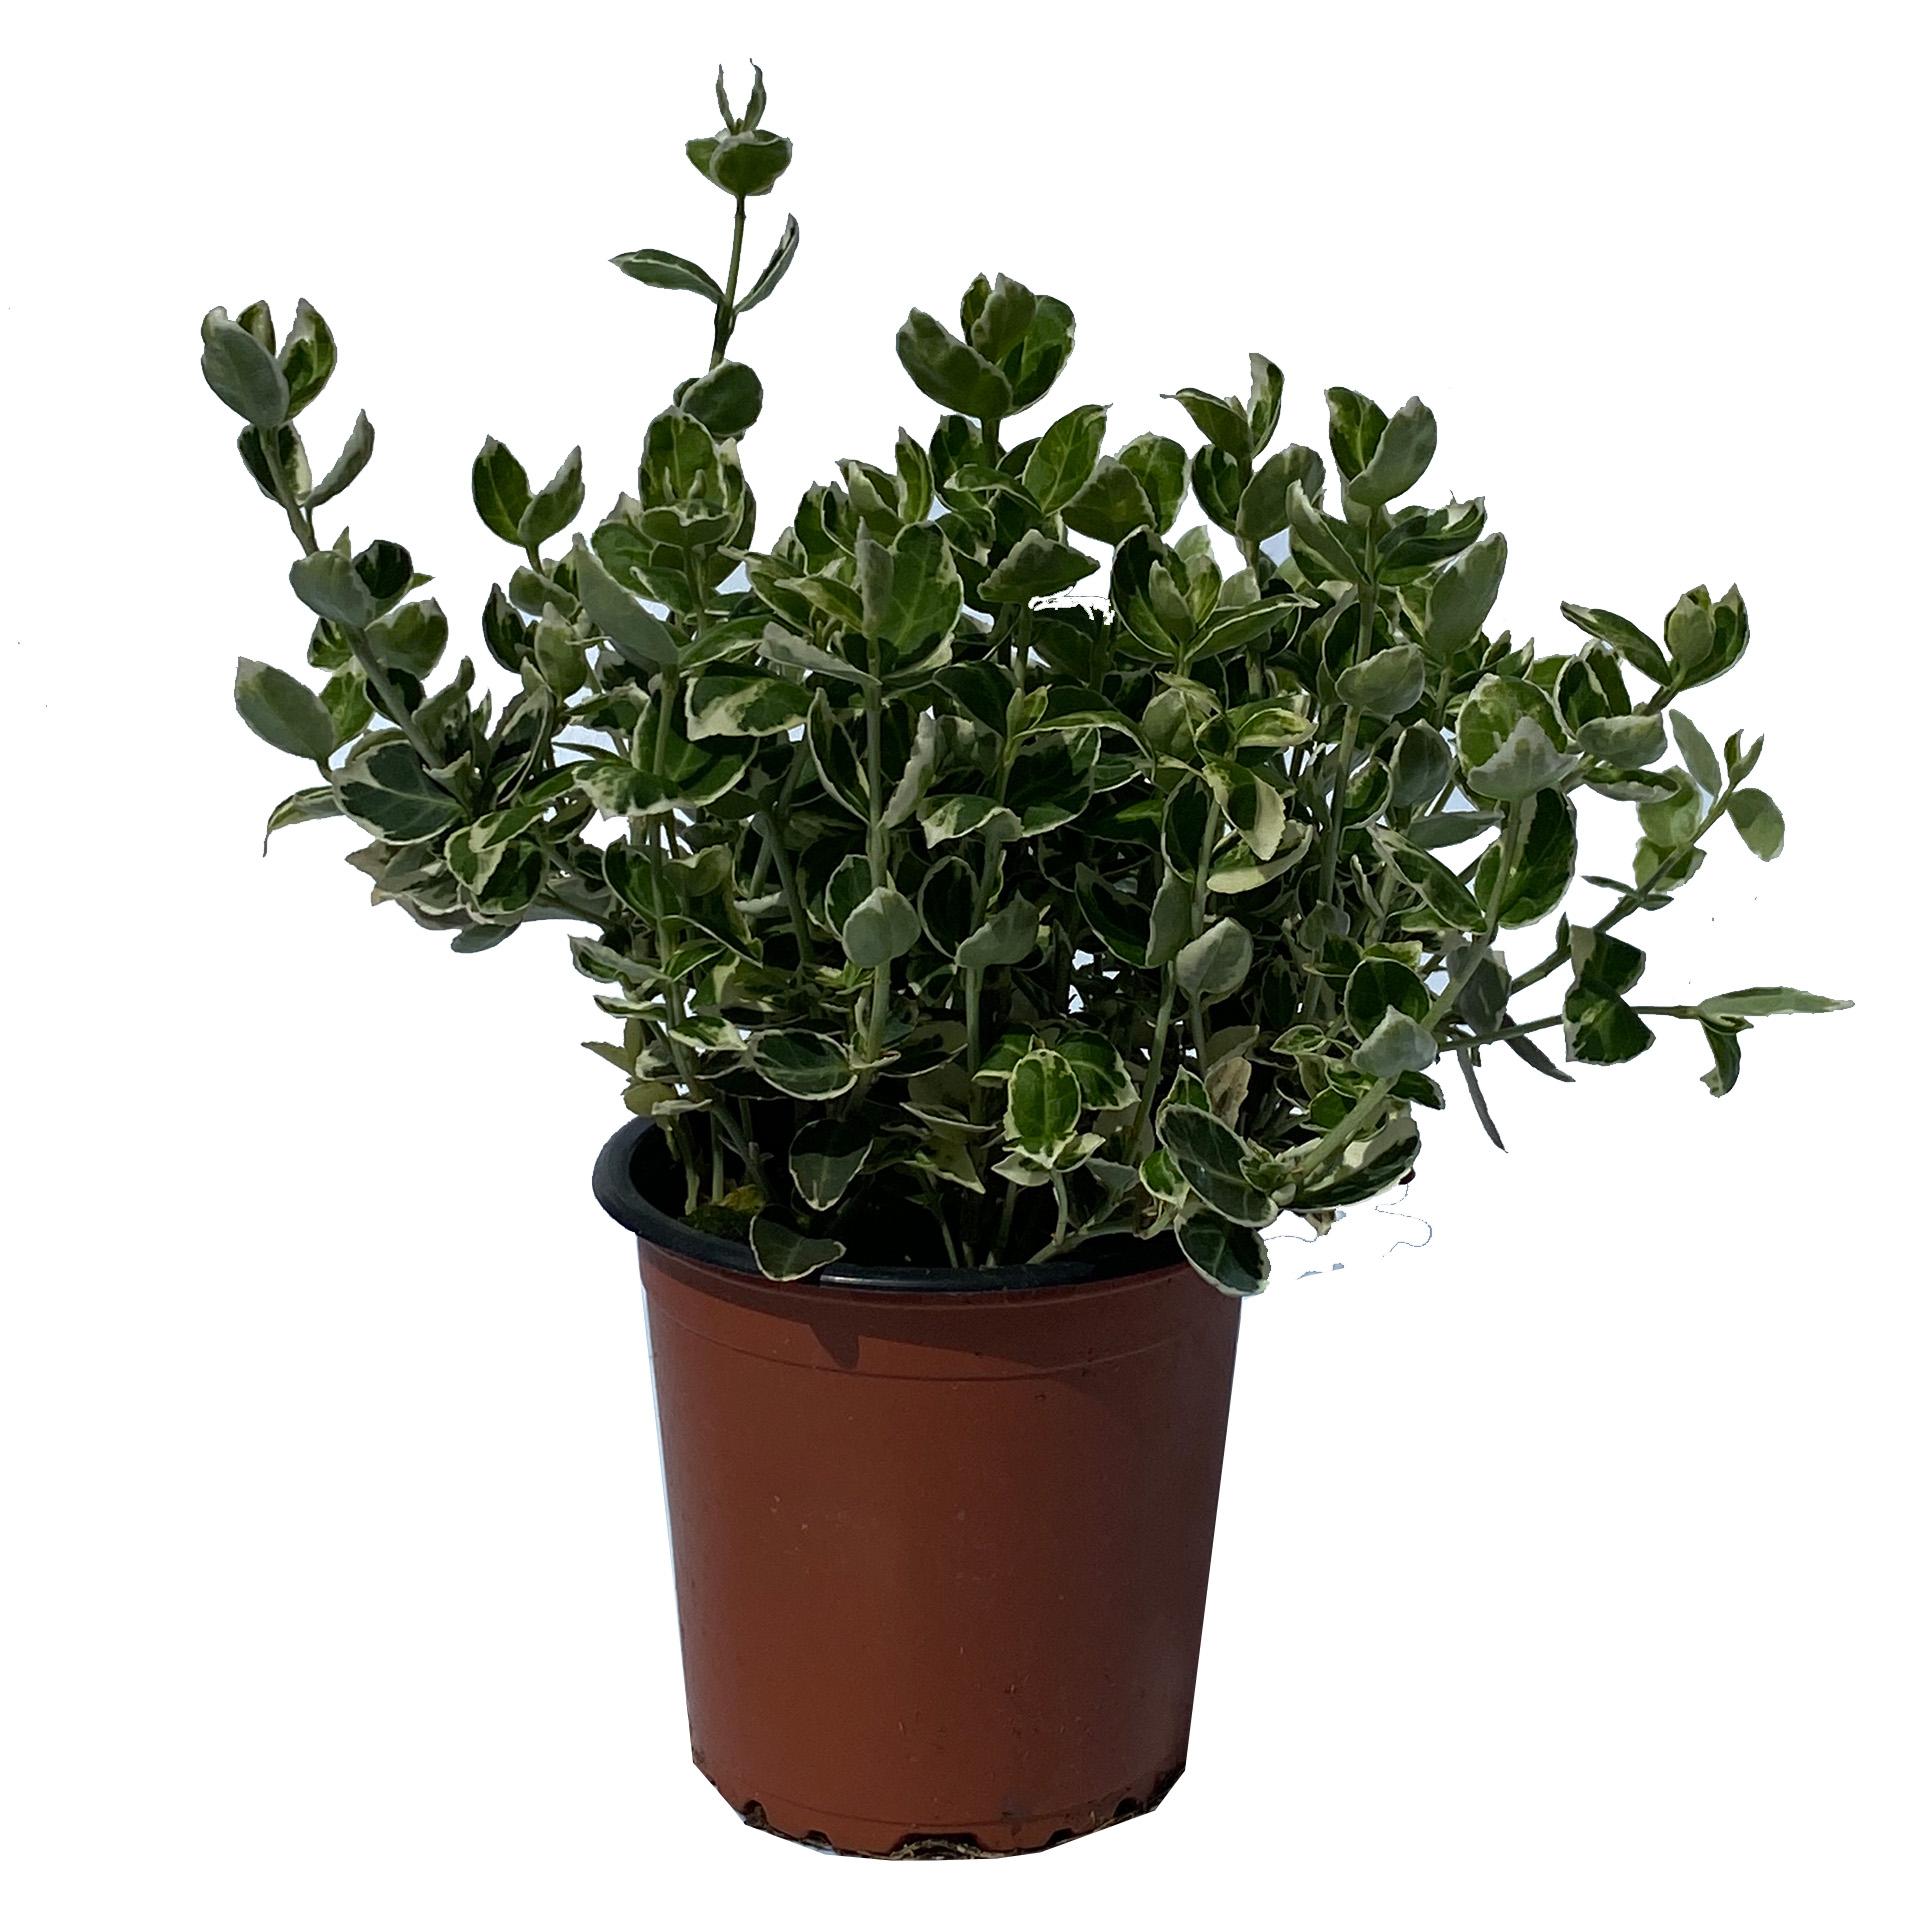 Kriechspindel - Euonymus fortunei 'Emerald Gaiety'